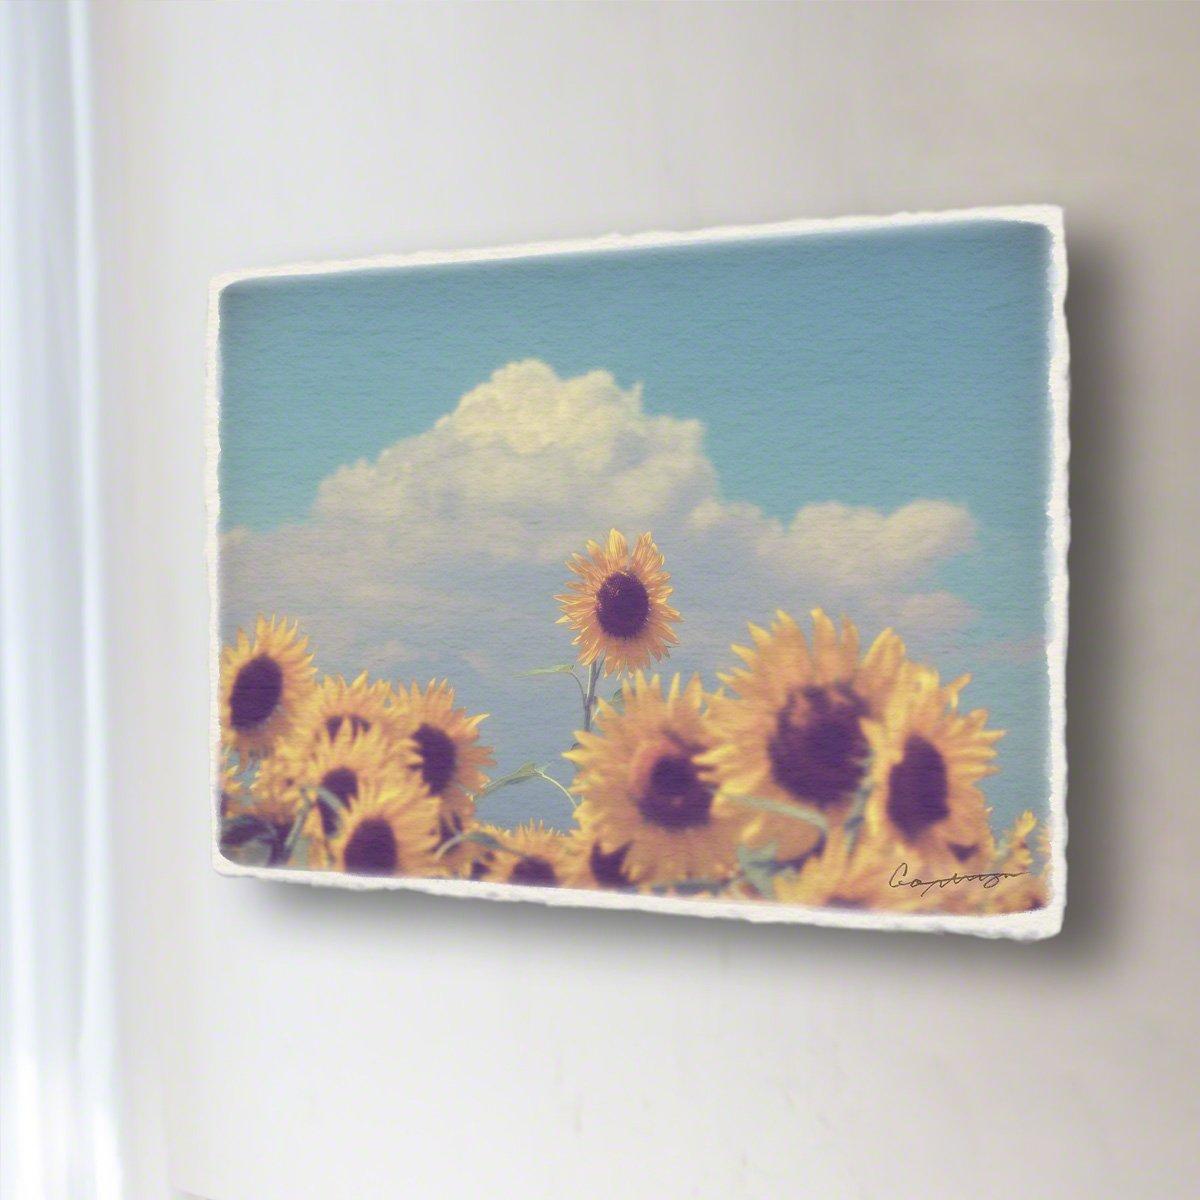 和紙 アートパネル「入道雲と顔を出したヒマワリの花」 (40x30cm) 花 絵 絵画 壁掛け 壁飾り インテリア アート B07F1W2W43 14.アートパネル(長辺45cm) 18800円|入道雲と顔を出したヒマワリの花 入道雲と顔を出したヒマワリの花 14.アートパネル(長辺45cm) 18800円